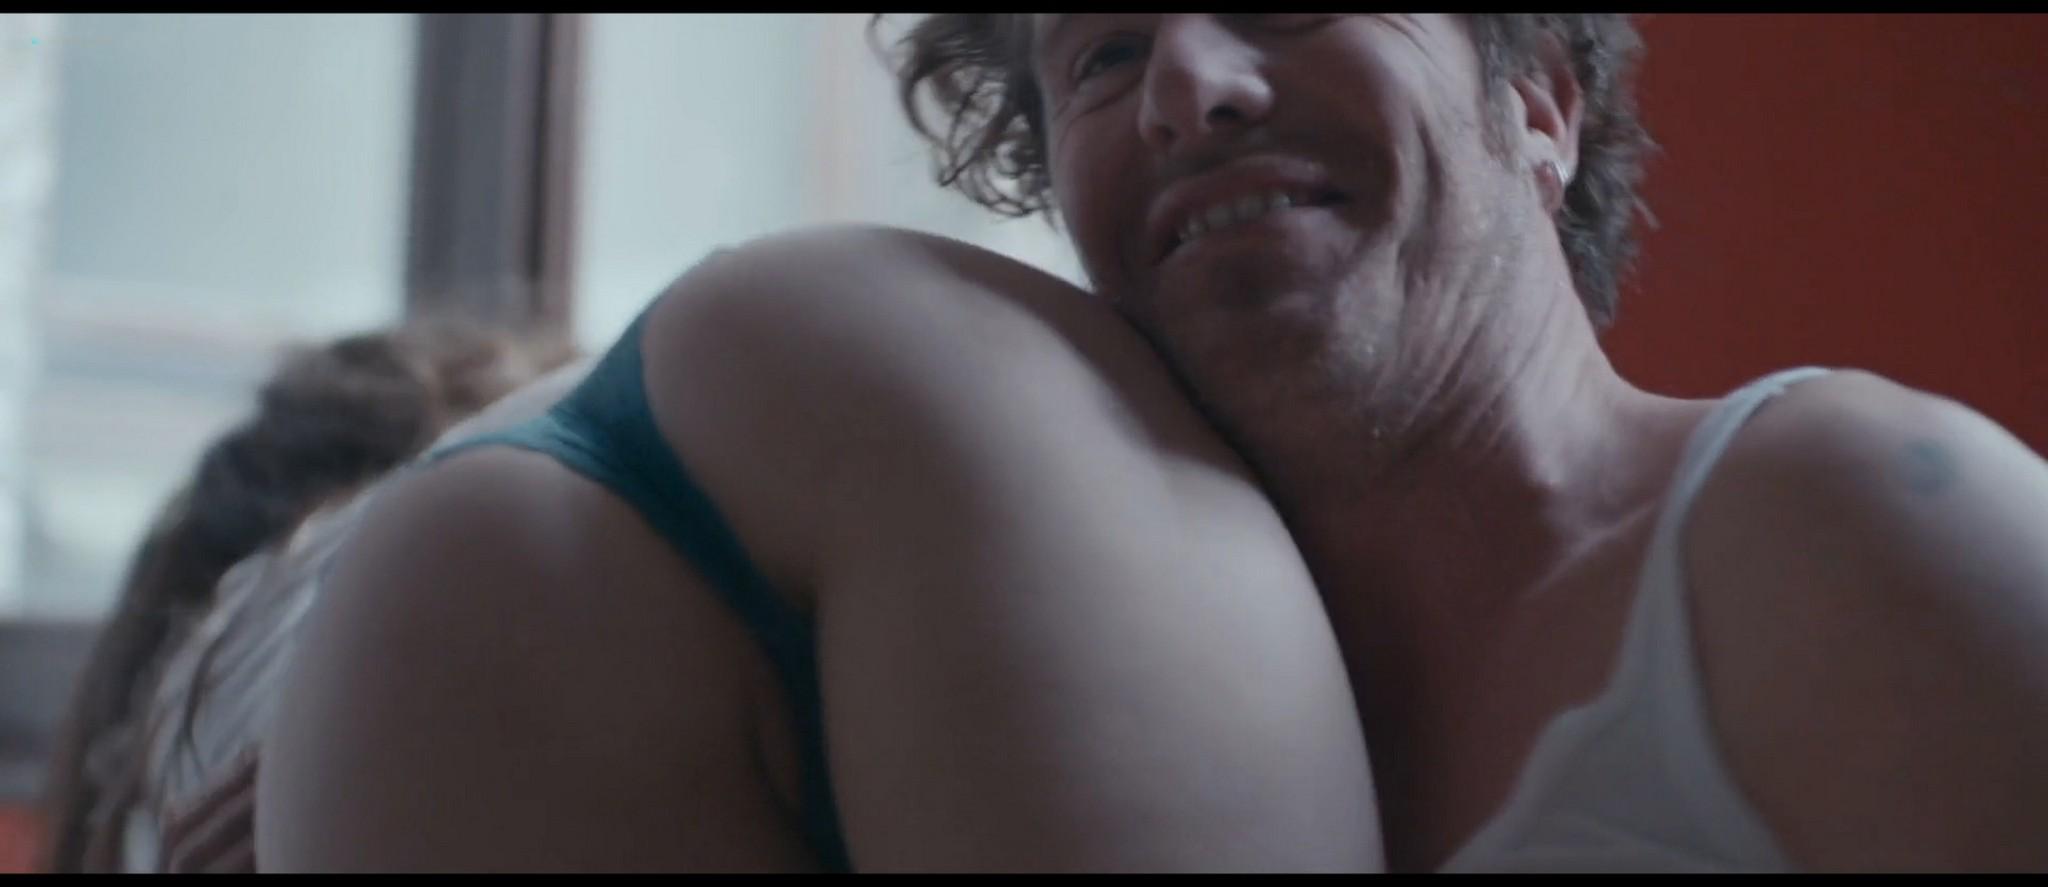 Hélène De Vos nude sex Charlotte Vandermeersch nude other nude too - Belgica (BE-2016) HD 1080p Web (6)